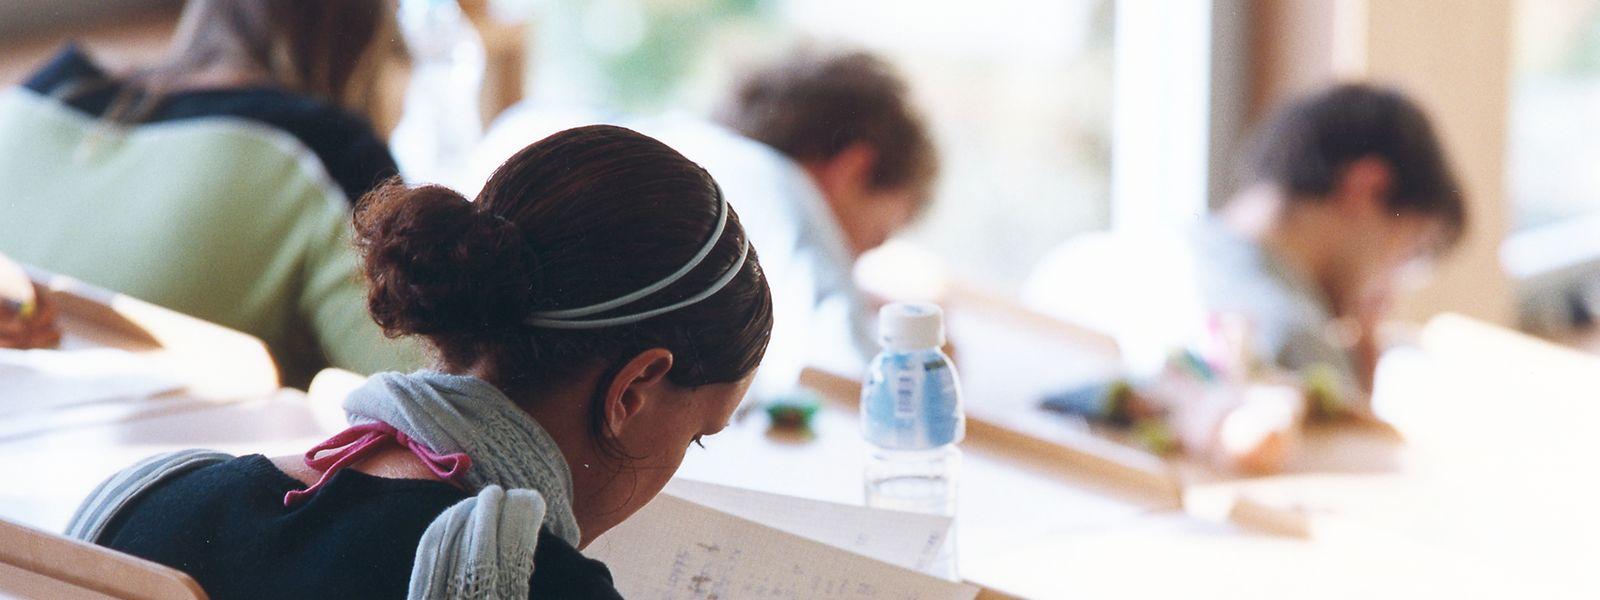 Luxemburg hat in der Pisa-Studie 2018 in allen Bereichen weniger gut abgeschnitten als 2015.